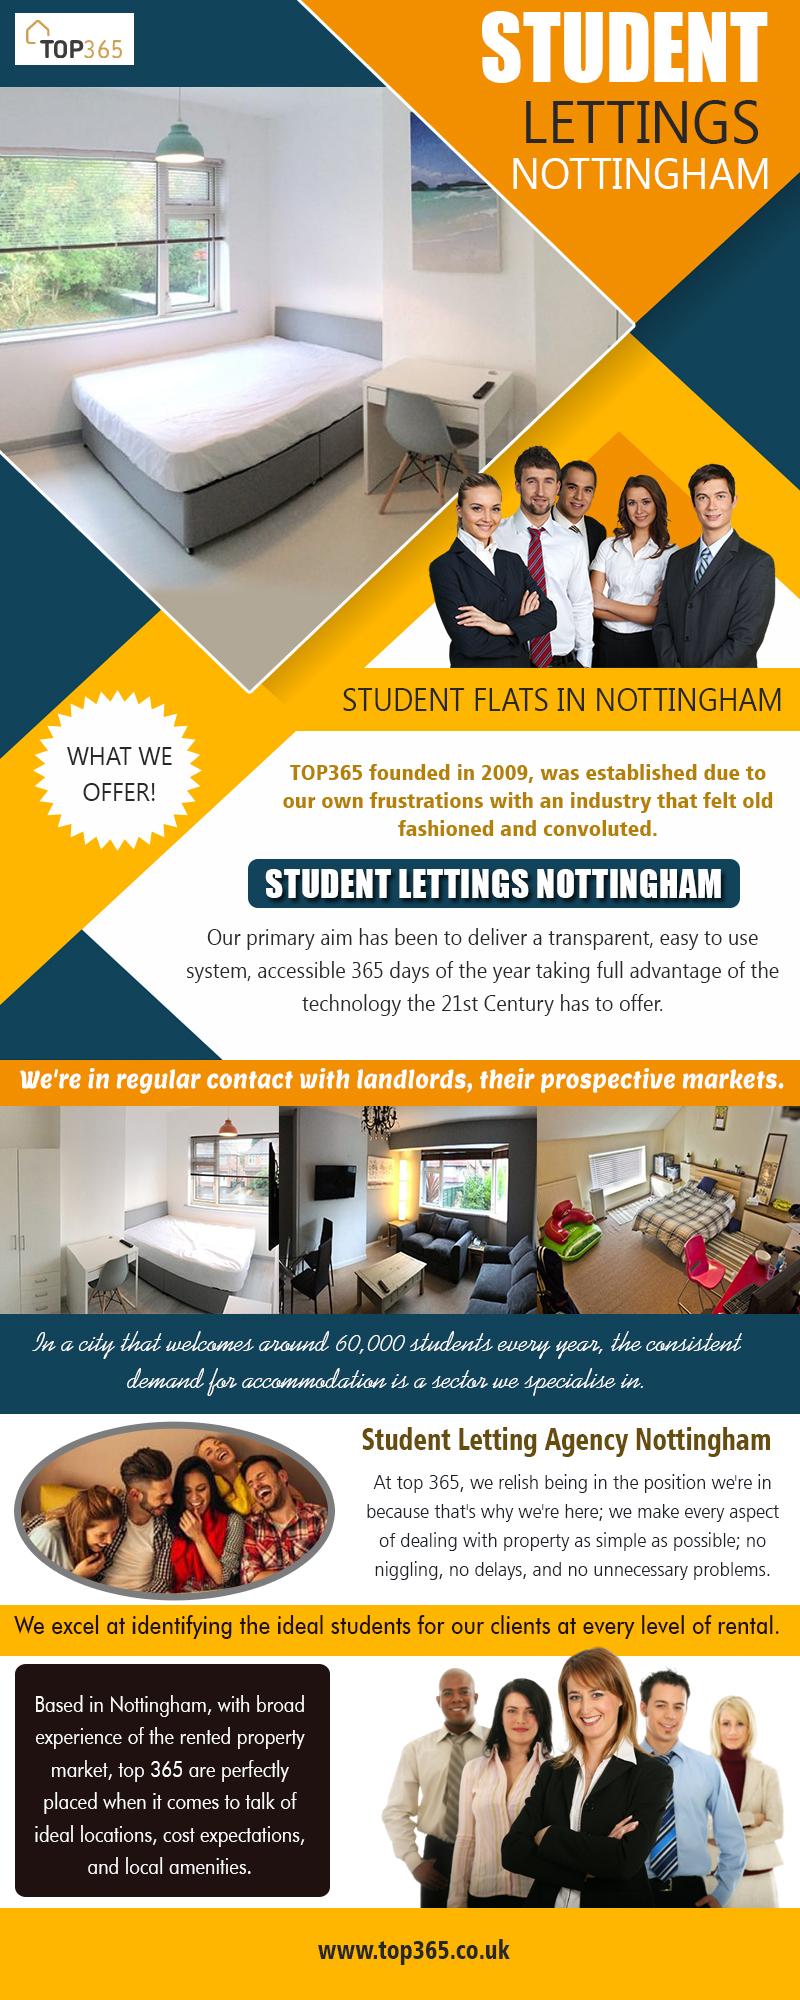 Student Lettings Nottingham